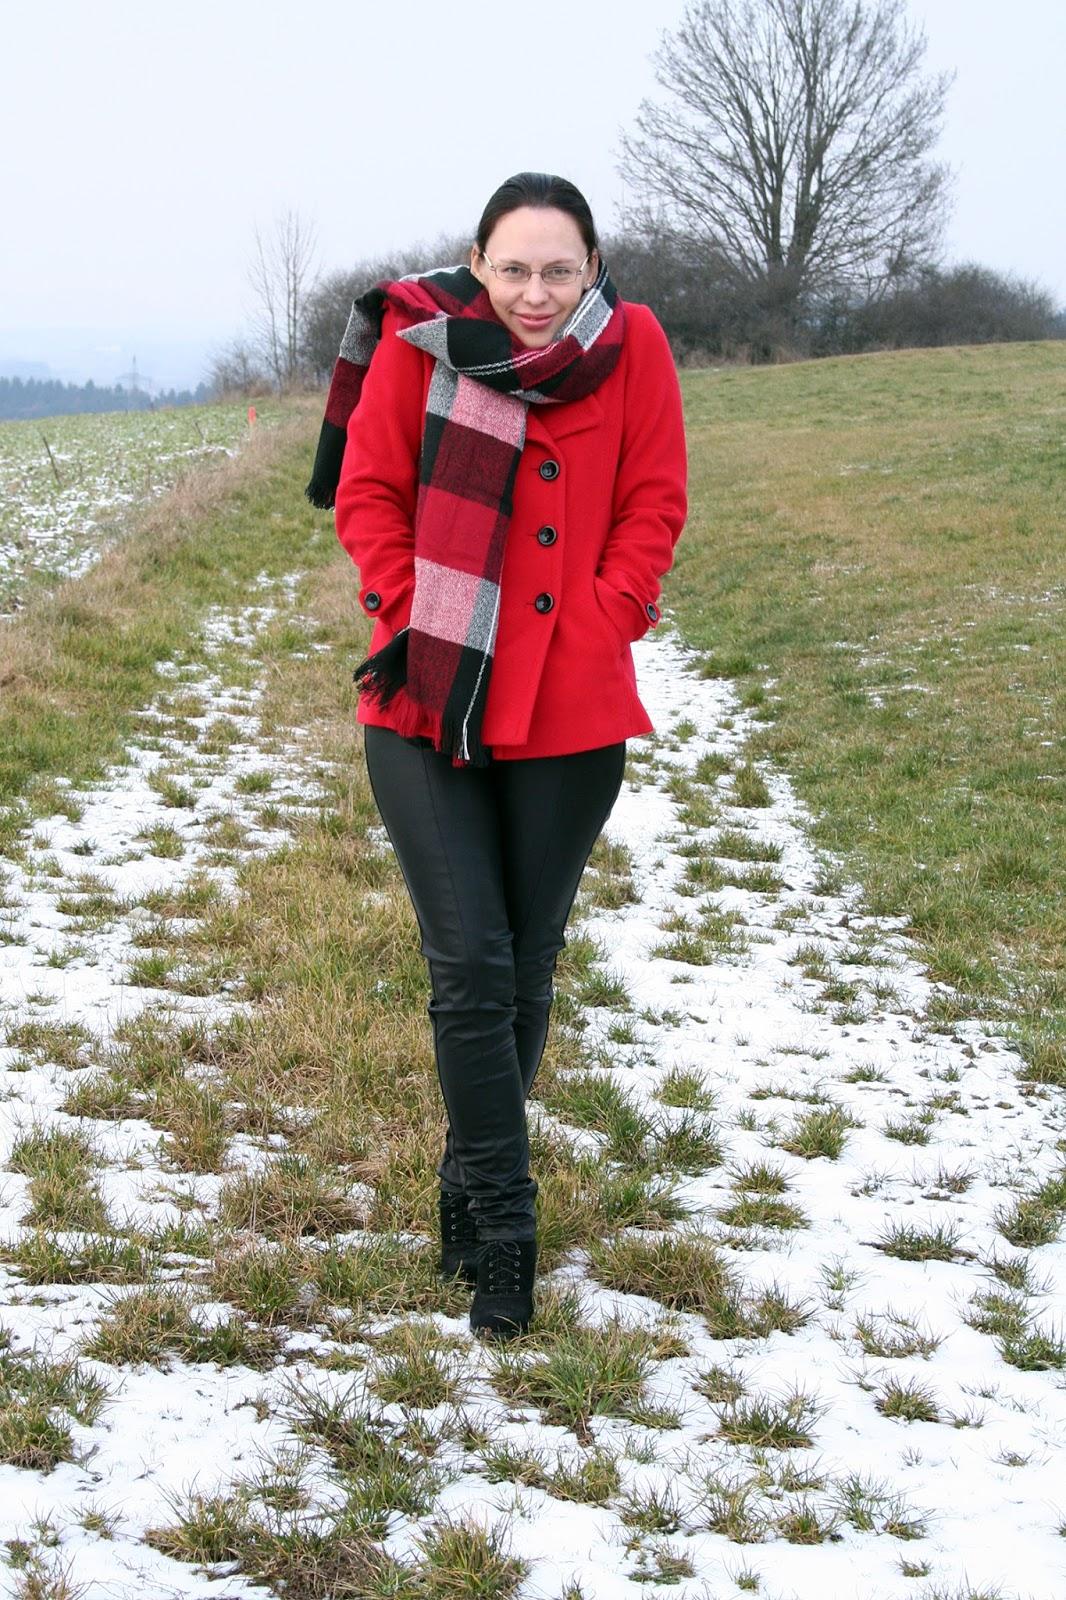 schrankmonster 001: lederhose zu rot kombiniert – elablogt